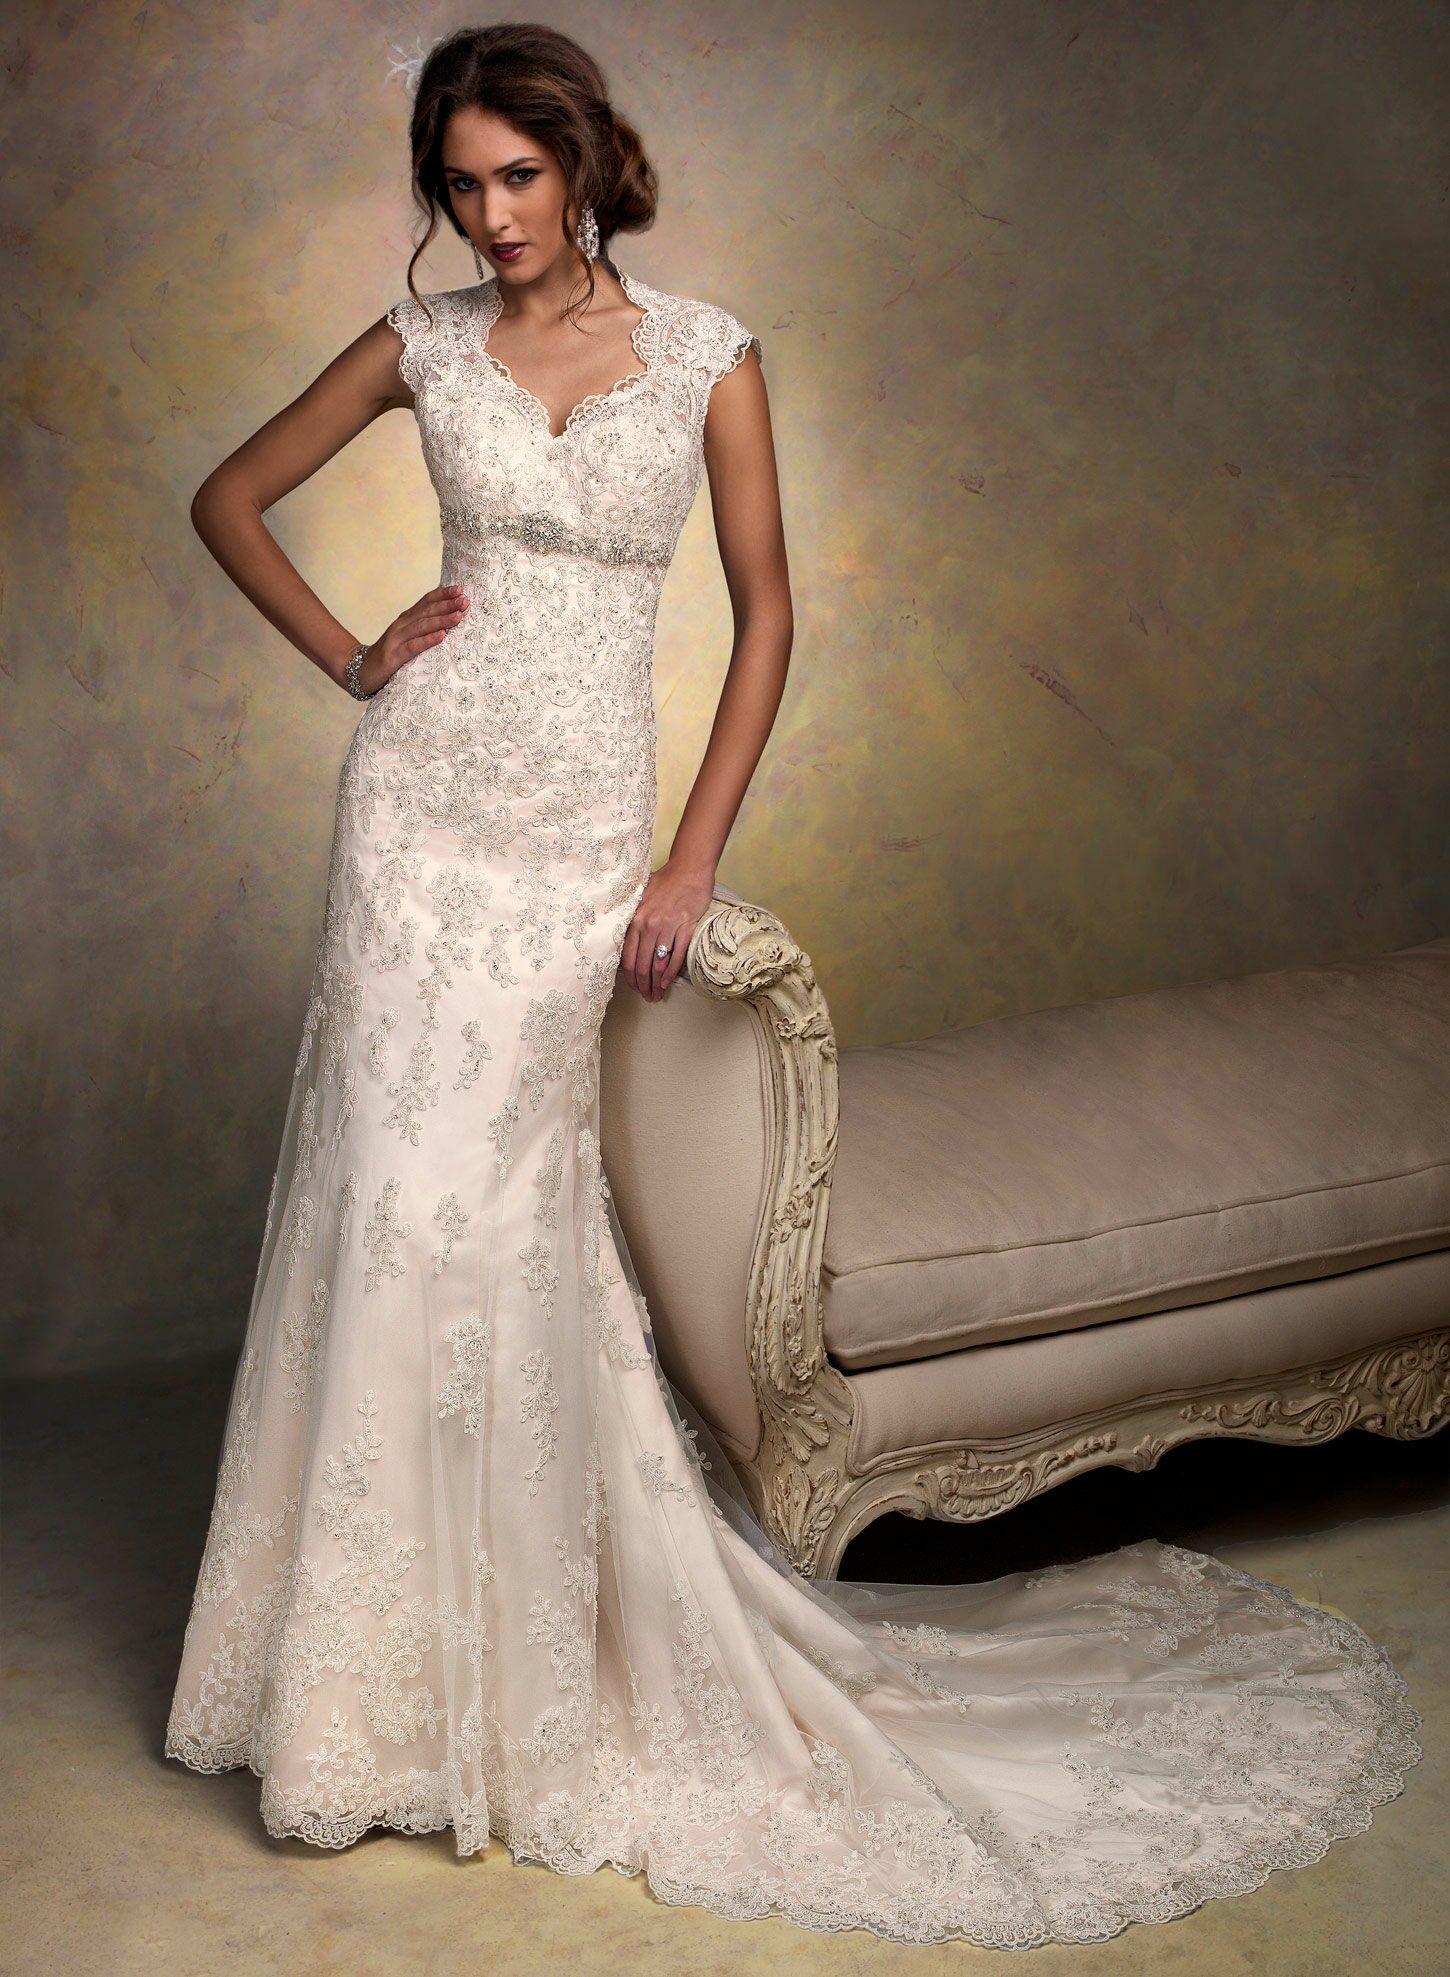 8f4089213937b Memories Bridal By Reem | Bridal Salons - Ridgefield, NJ